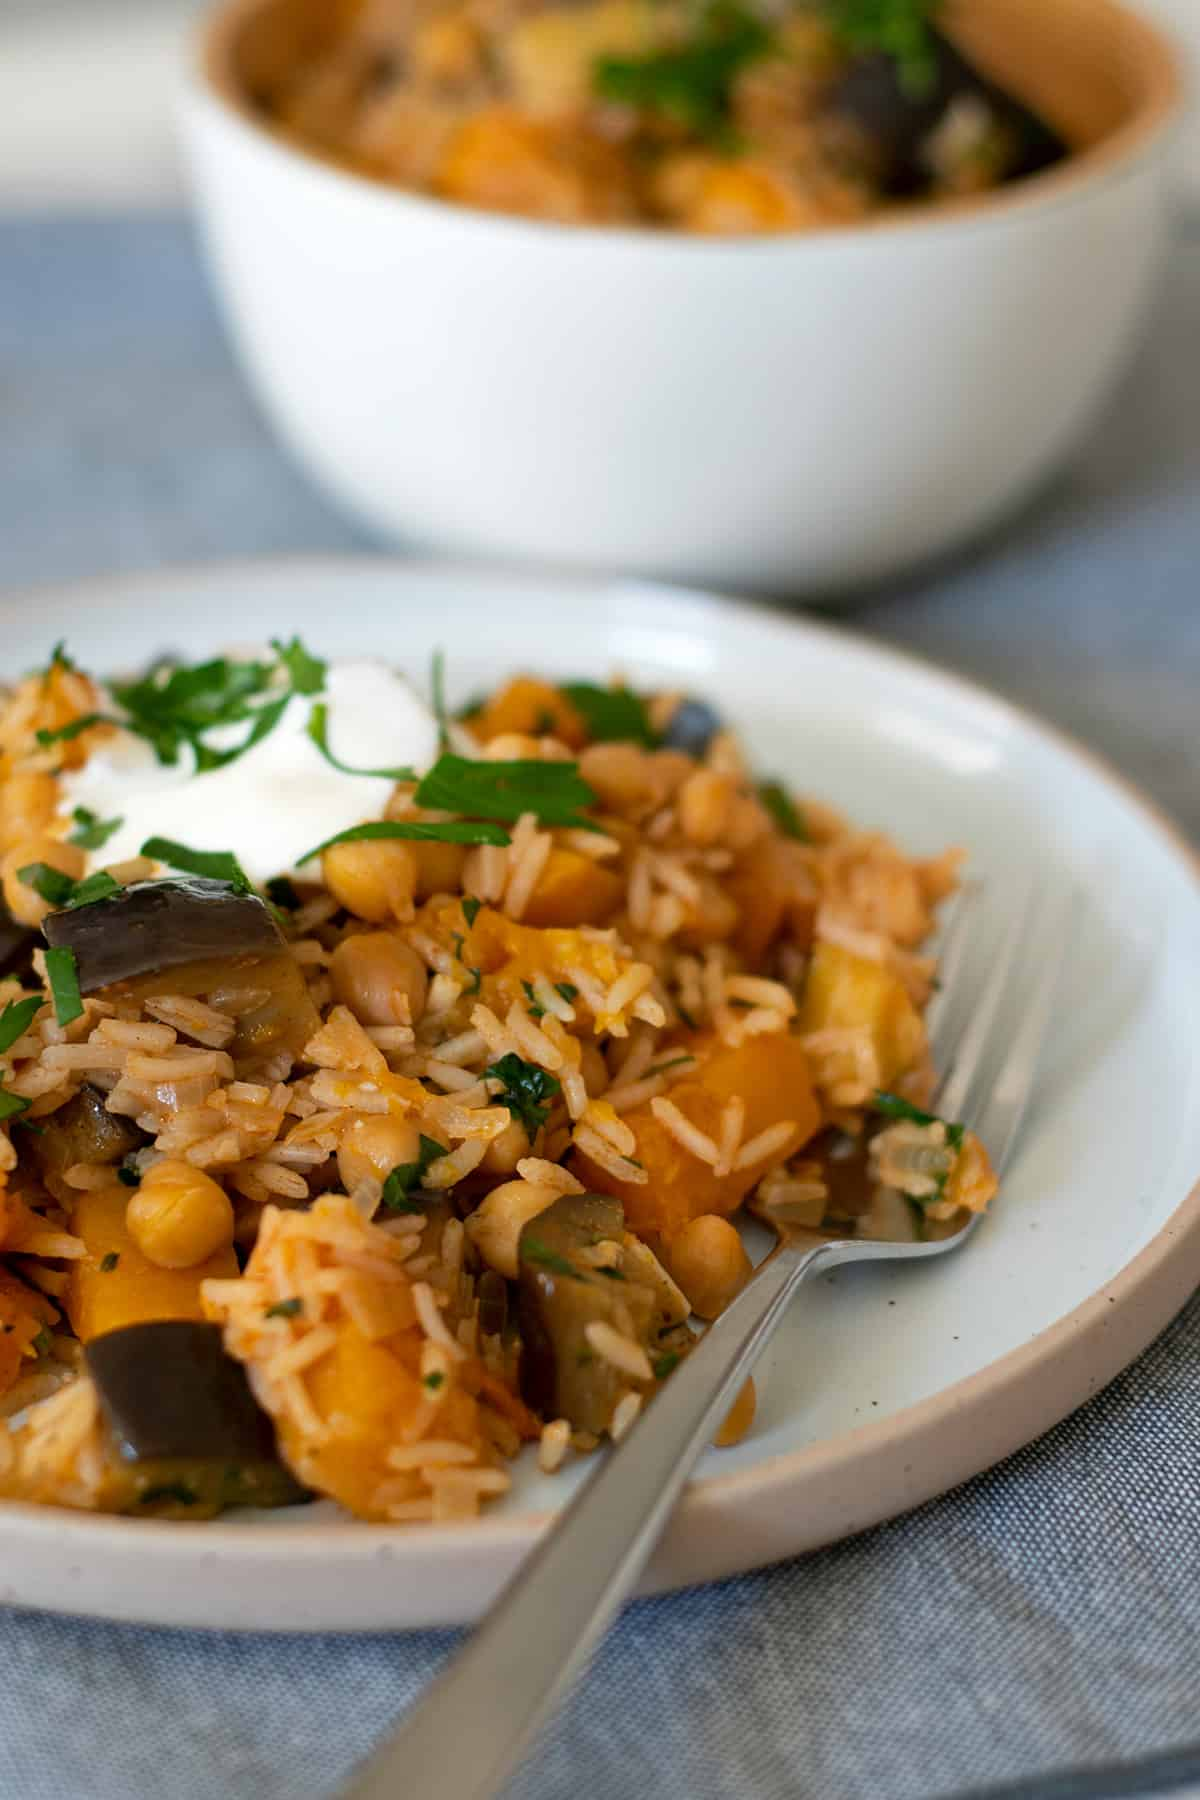 arroz con garbanzos y verduras servido en un plato redondo con un tenedor